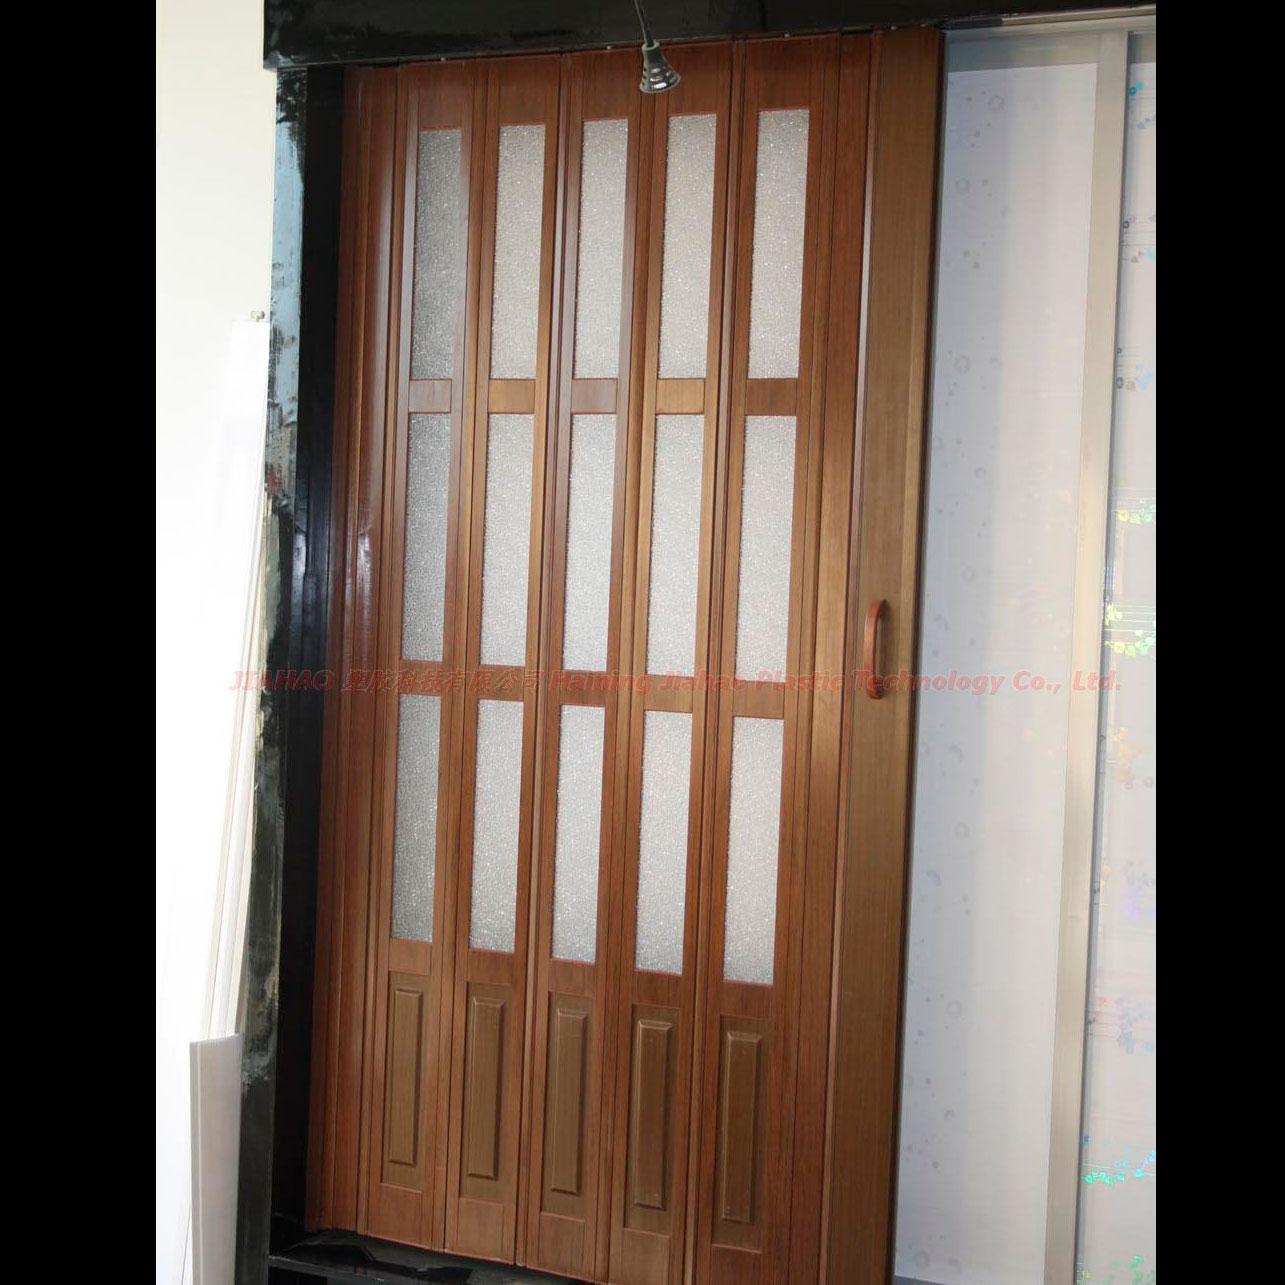 Puerta plegable de pvc decorativa a la medida cortinashd - Puertas plegables de pvc ...